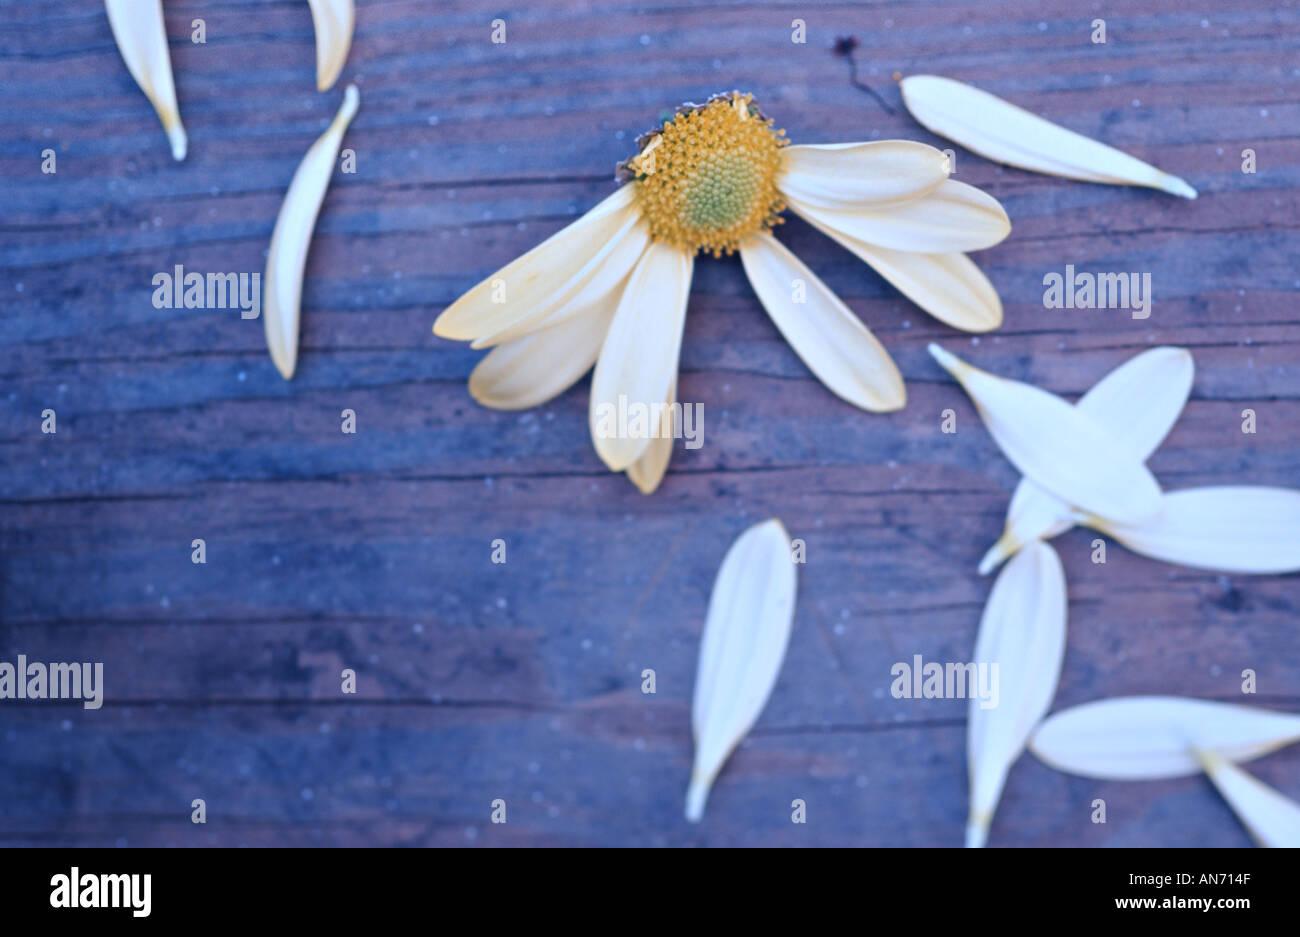 """Petali di fiore strappato daisy su un tavolo di legno. """"Egli mi ama, non mi ama' concetto. Immagini Stock"""